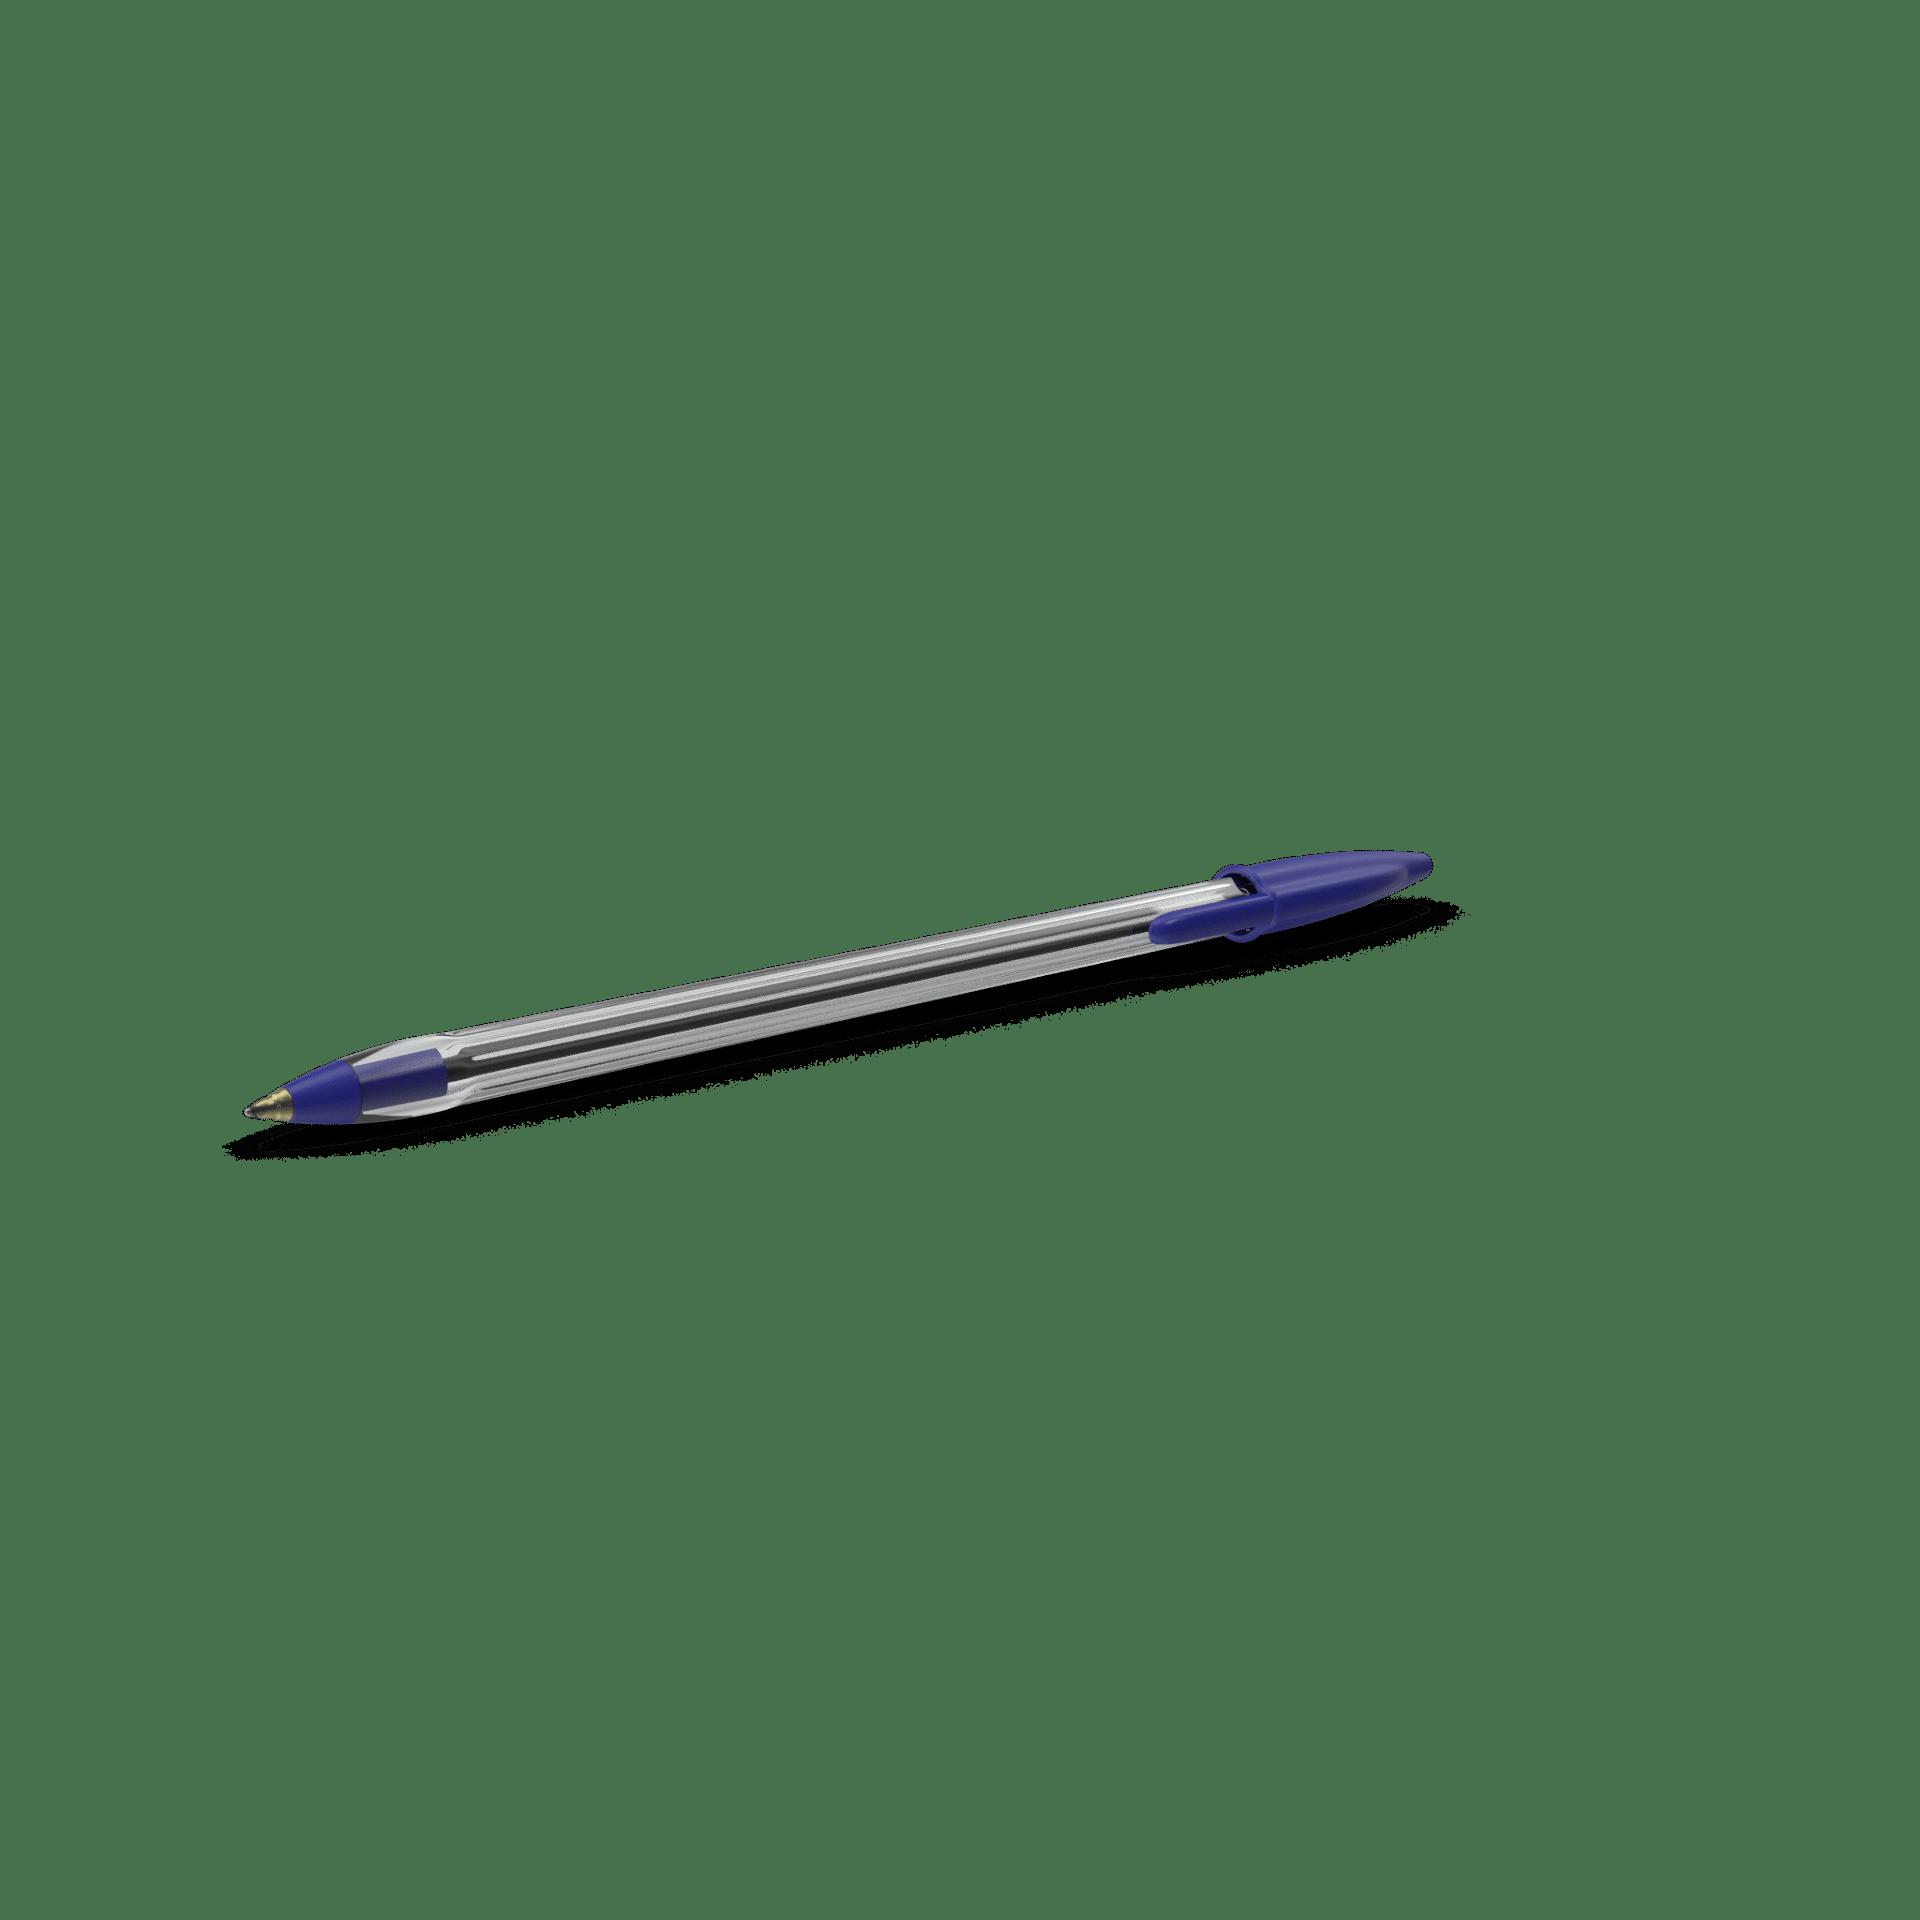 Secundaria, boli - Clases de apoyo de asignaturas educación primaria, secundaria y bachiller